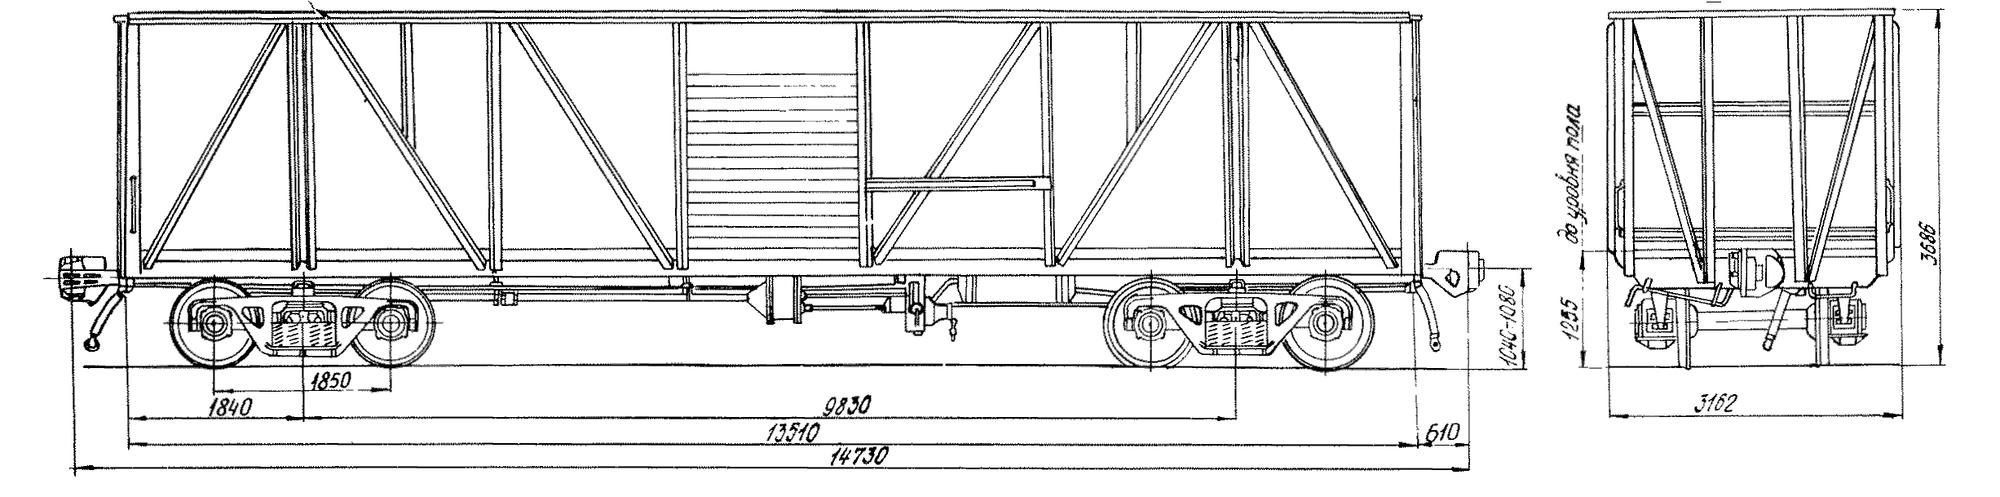 4-осный вагон для среднетоннажных контейнеров на базе крытого